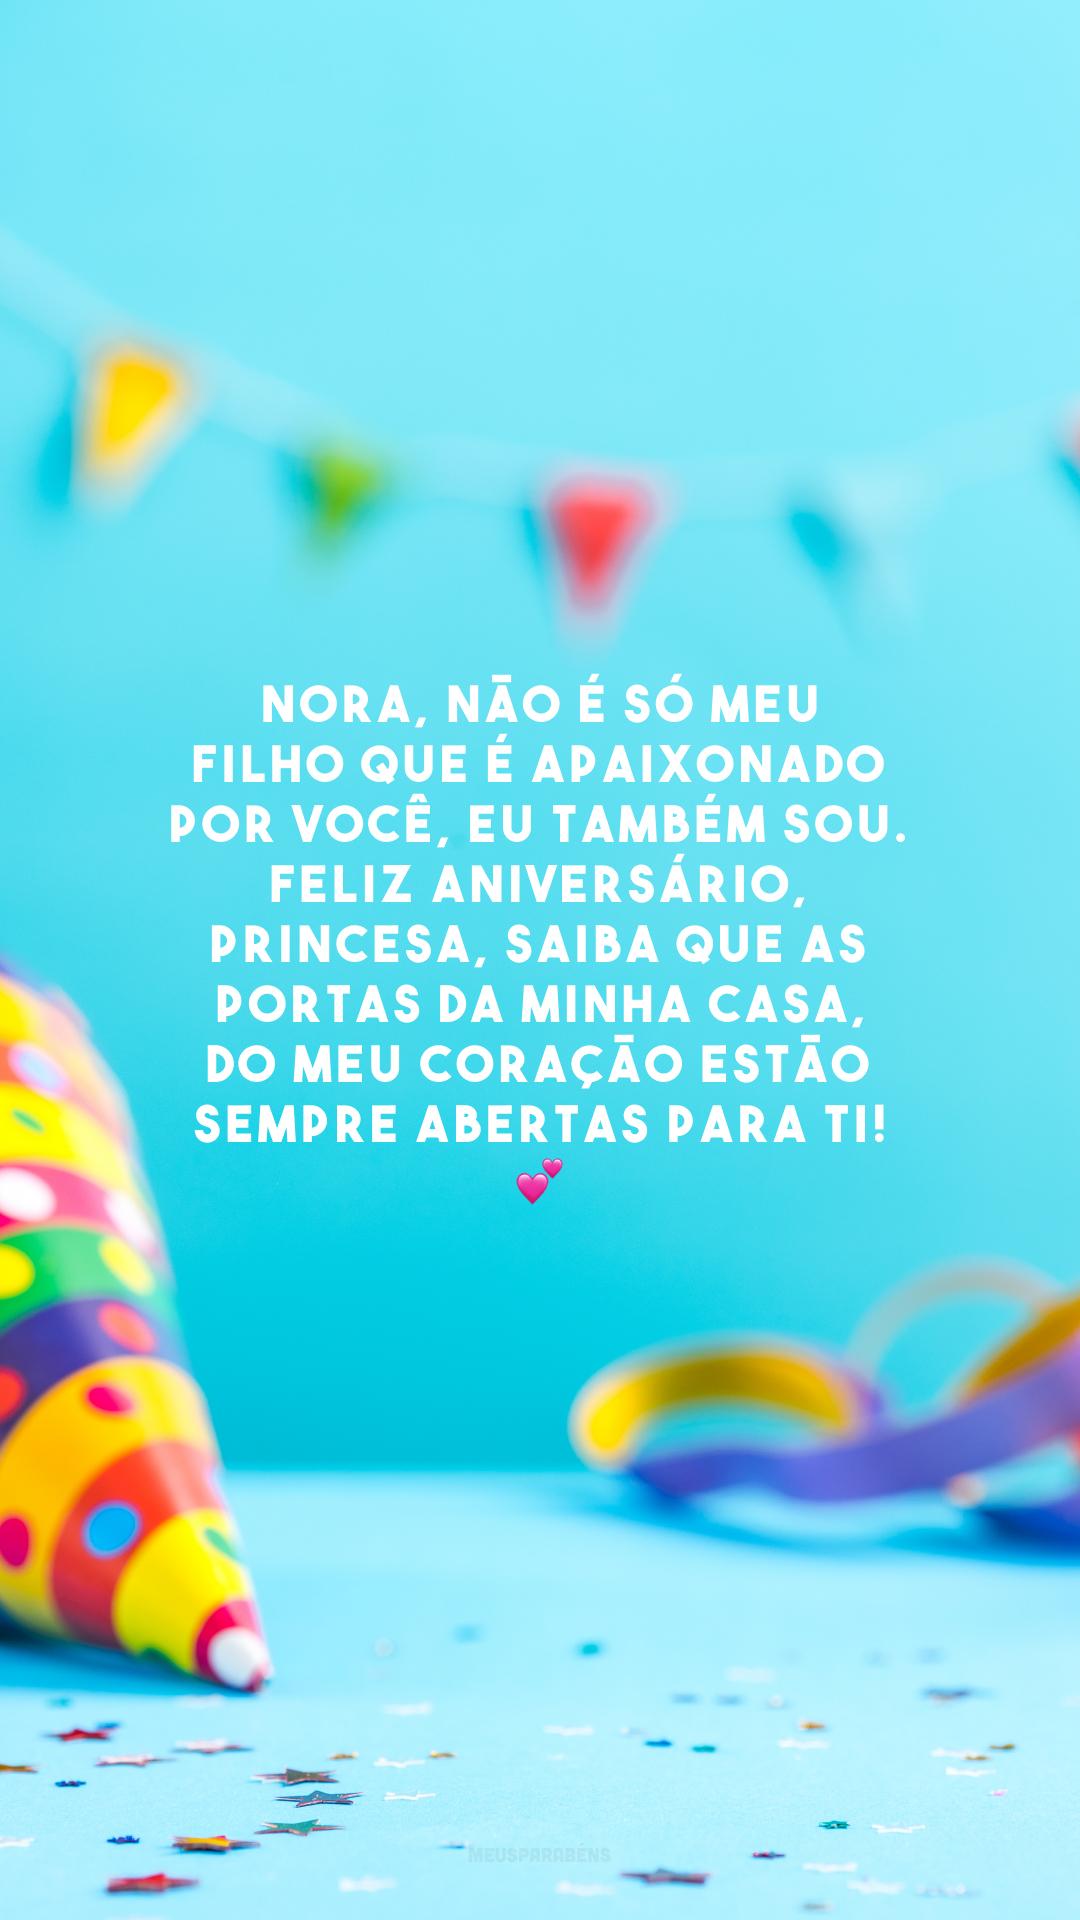 Nora, não é só meu filho que é apaixonado por você, eu também sou. Feliz aniversário, princesa, saiba que as portas da minha casa, do meu coração estão sempre abertas para ti! 💕